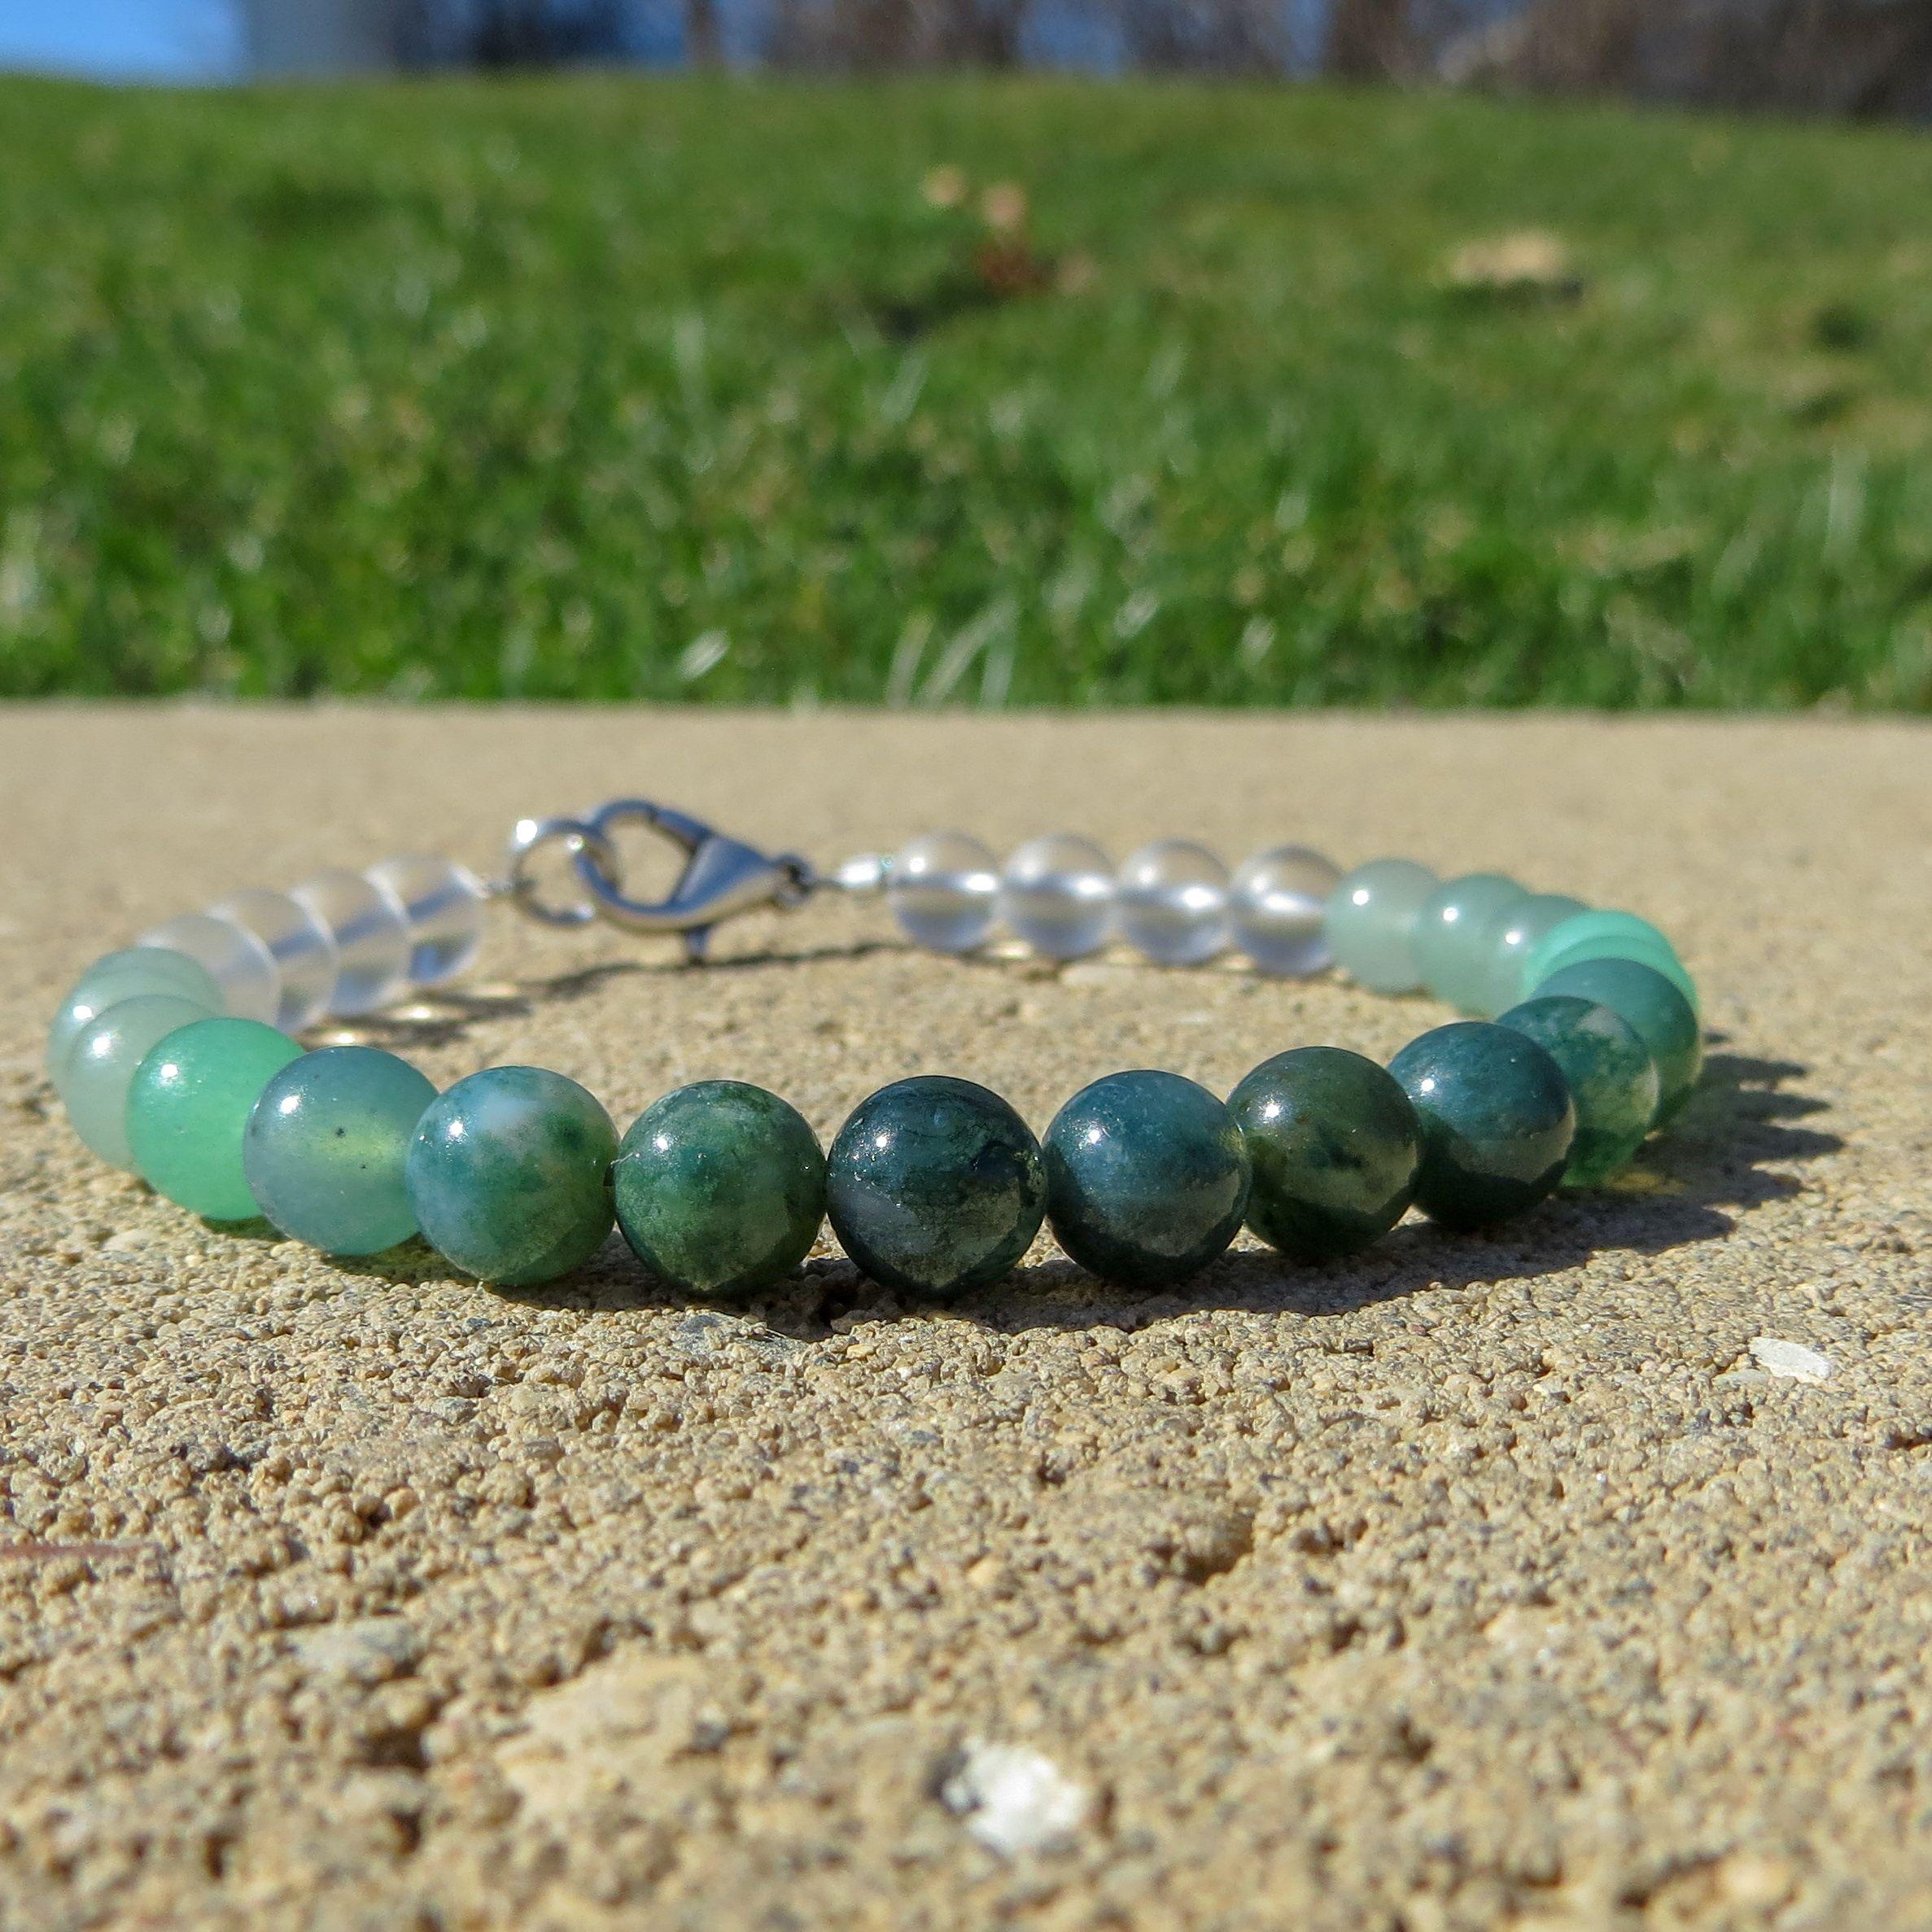 agate bead bracelet ladies birthday gifts green stone bracelet moss agate beads green gemstone bracelet green agate bracelet